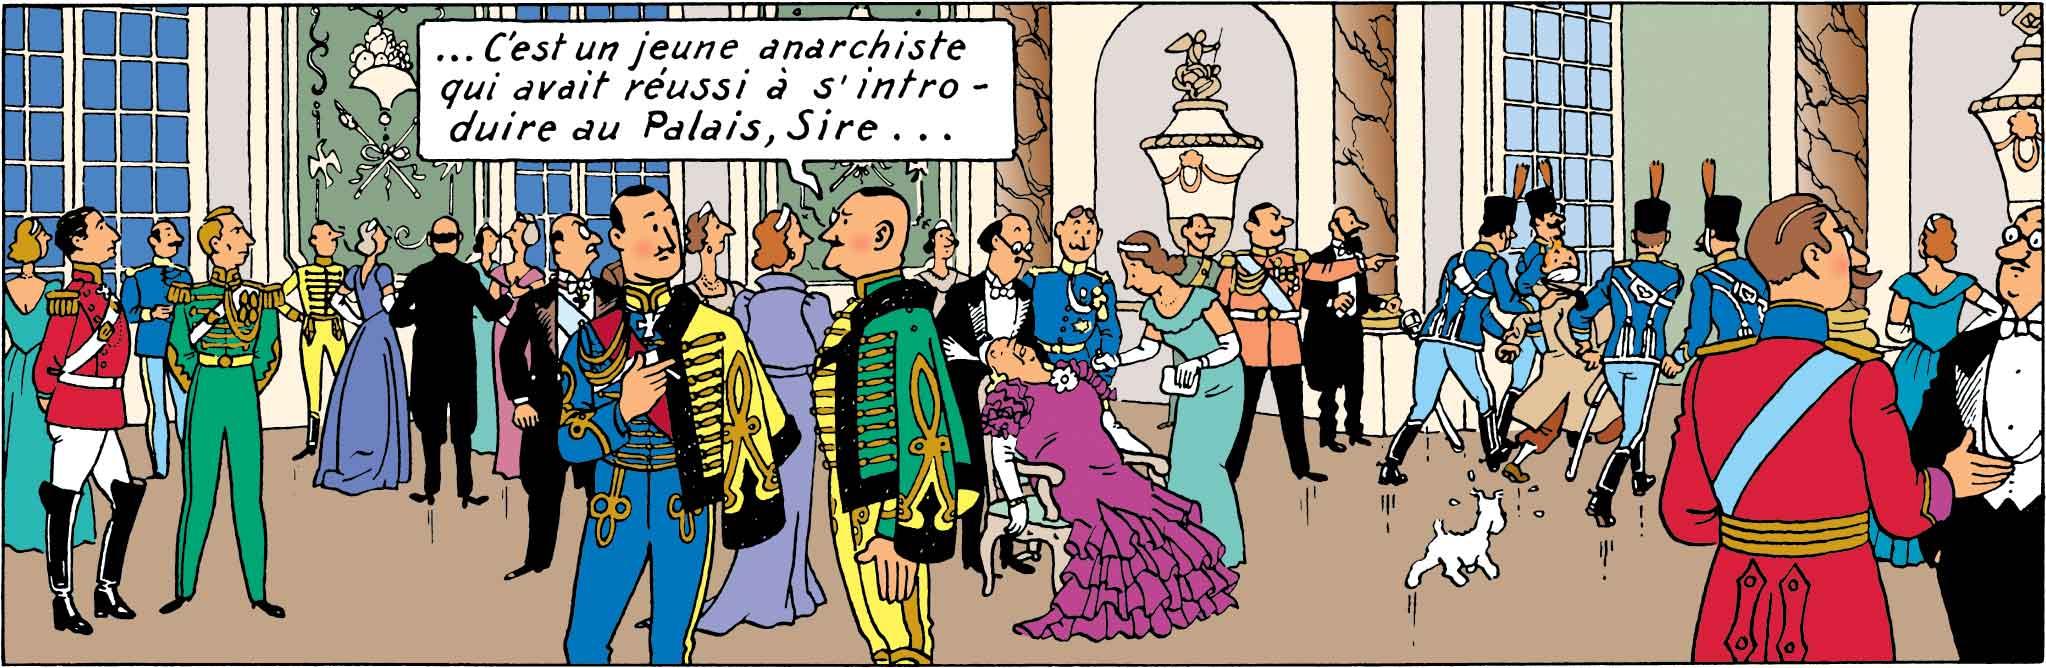 Tintin - Les Aventures de Tintin - Le Sceptre Ottokar - Arrestation de Tintin